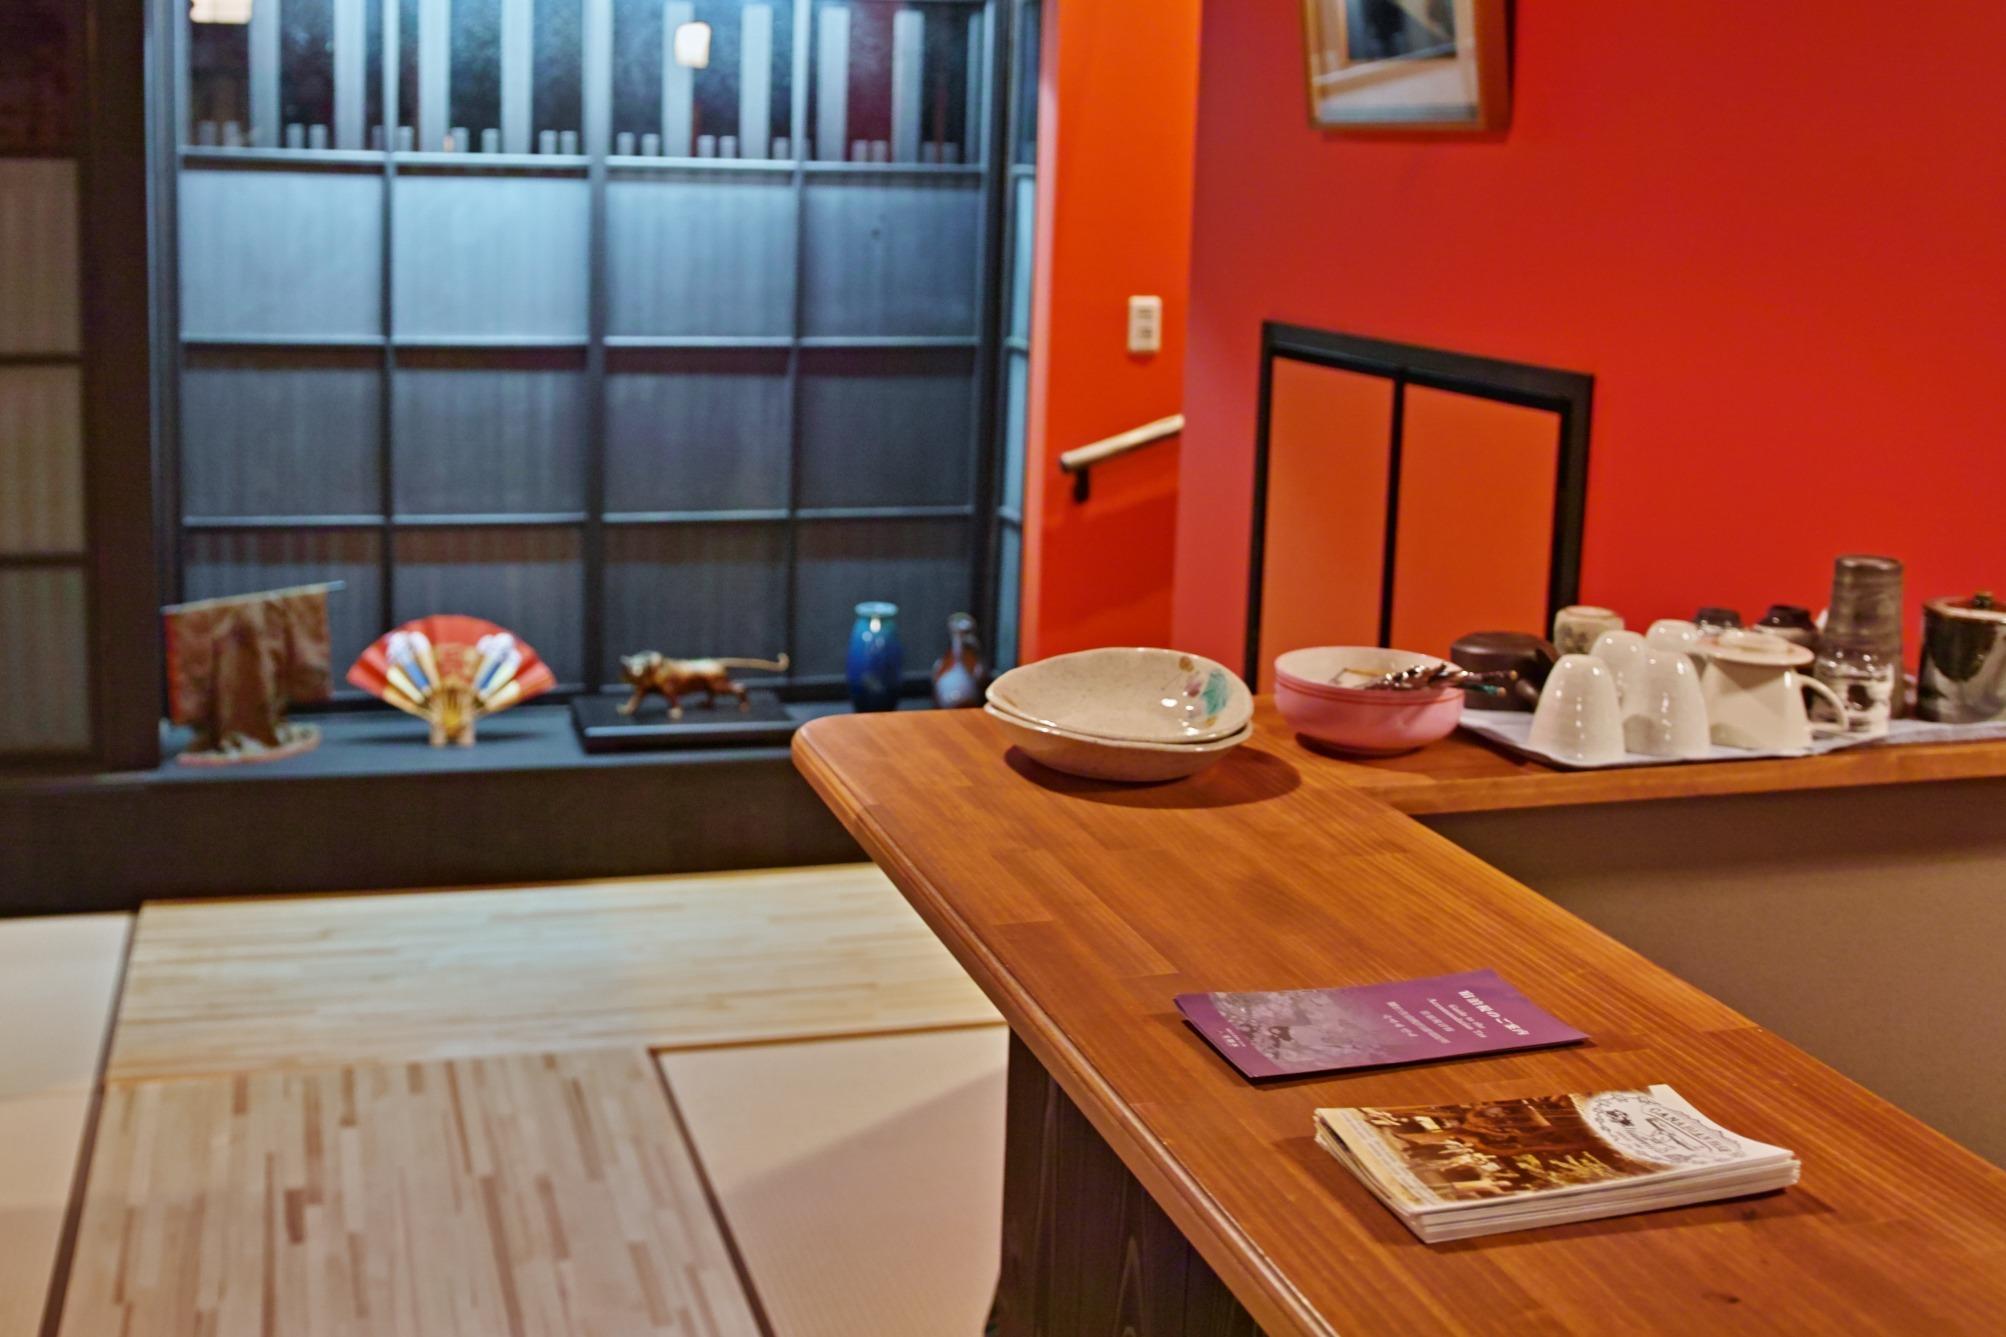 京都町屋 西京院 『紅』 新築の町家!設備も新品!京都市内で快適!